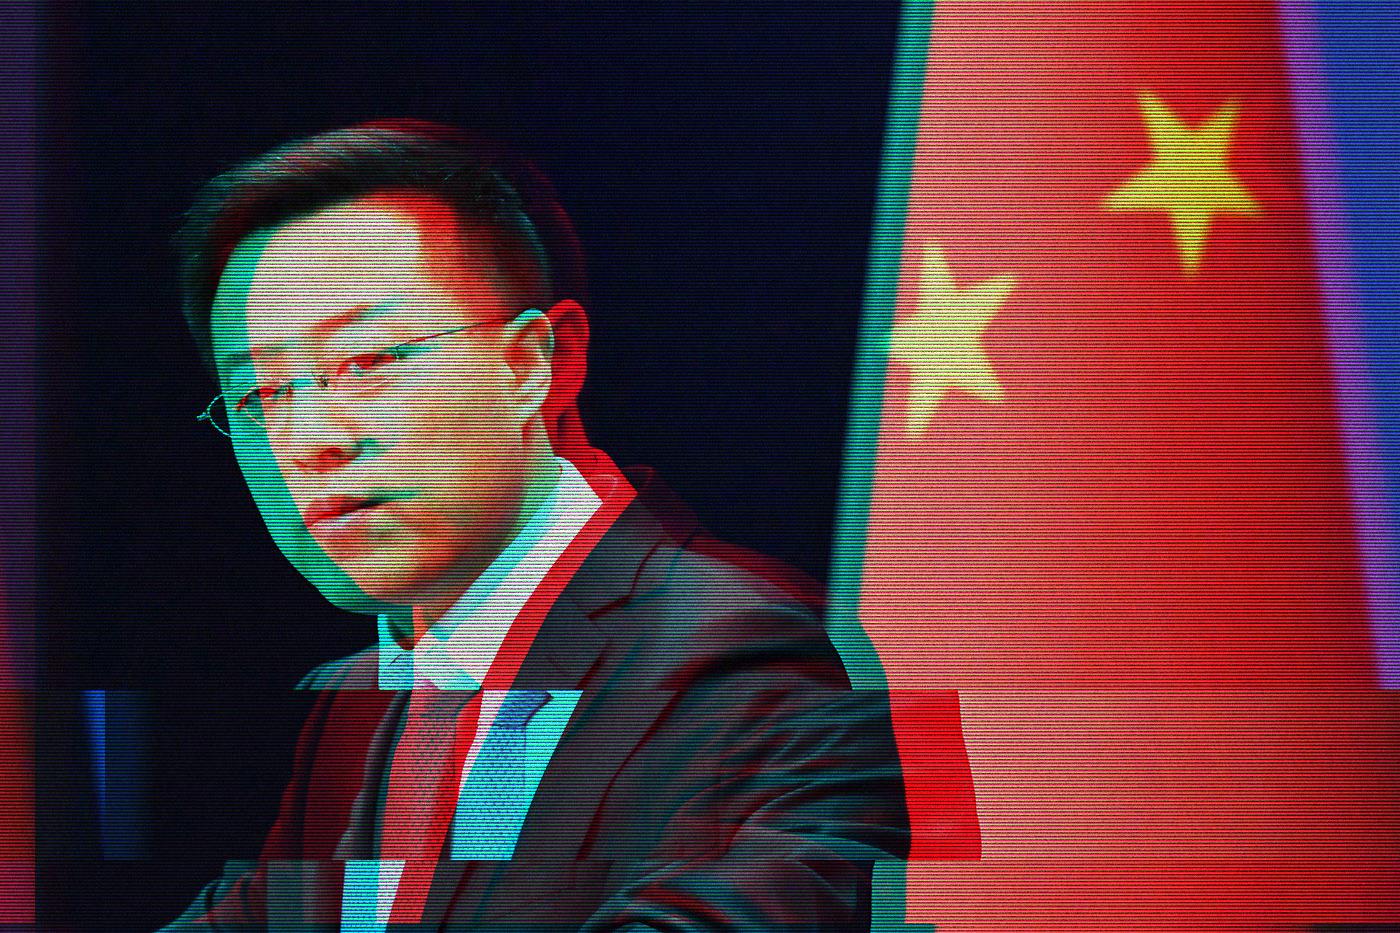 zhao lijian cina sanzioni boeing